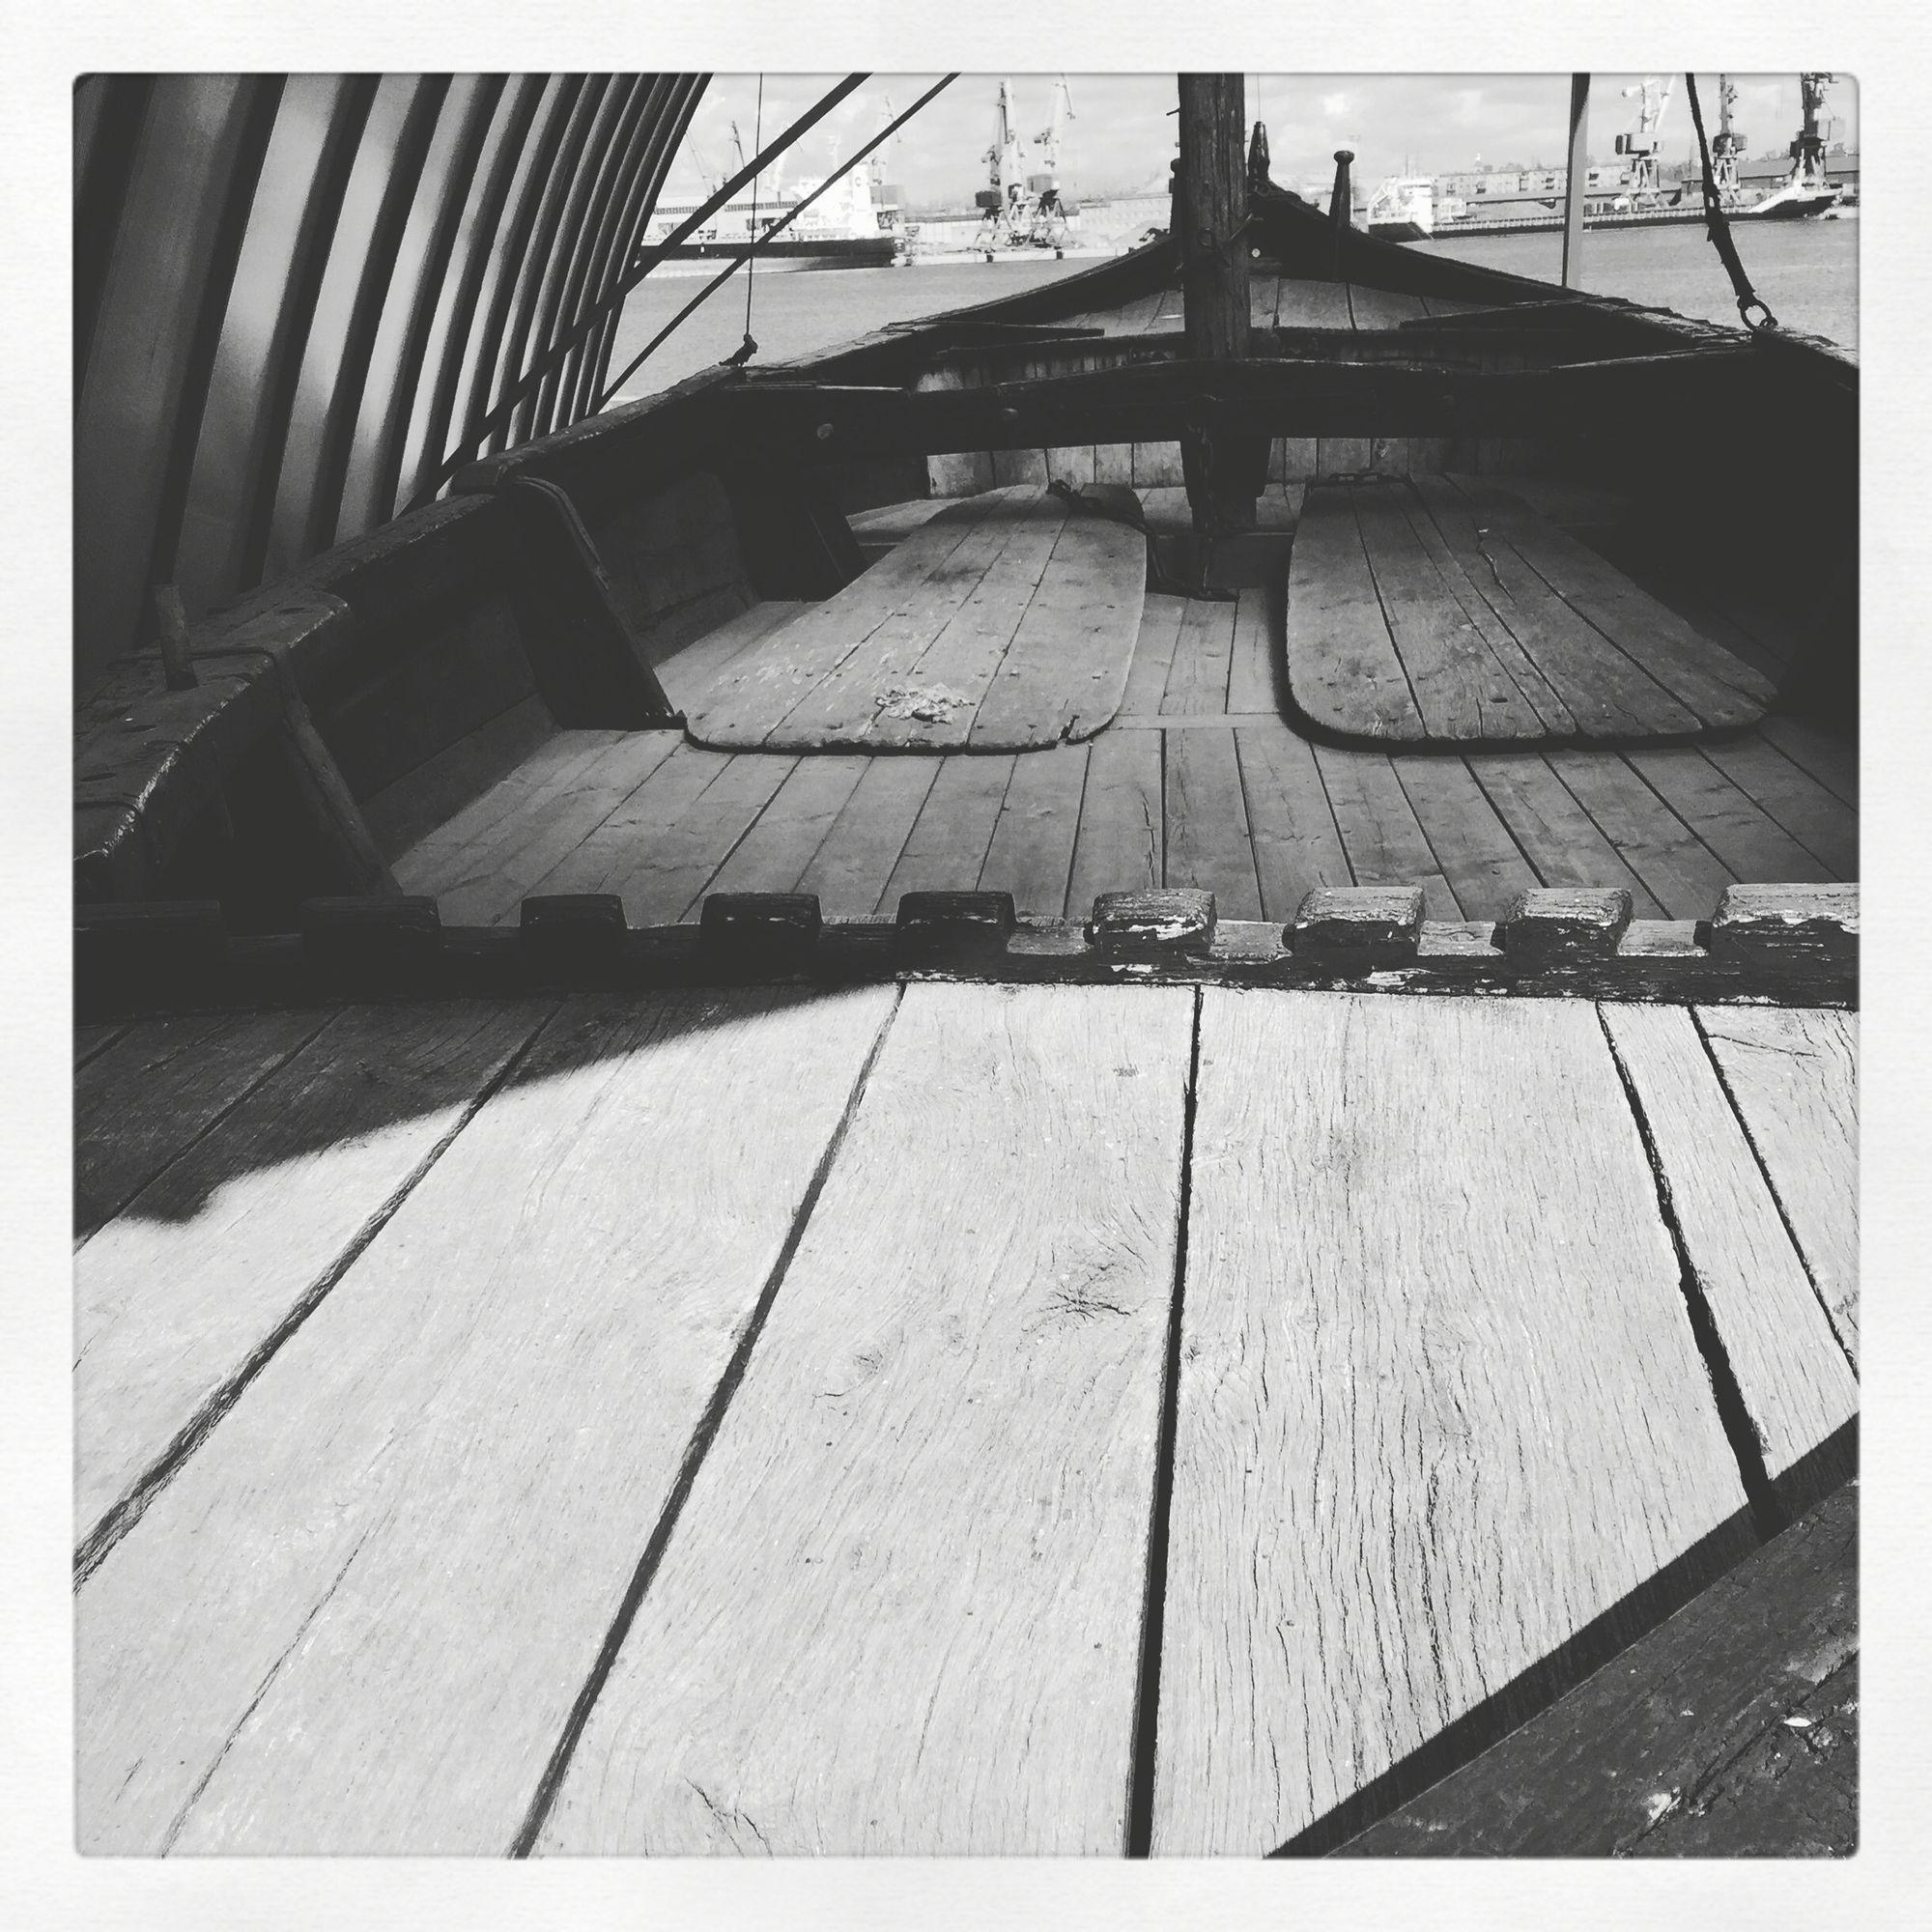 Vanha laiva